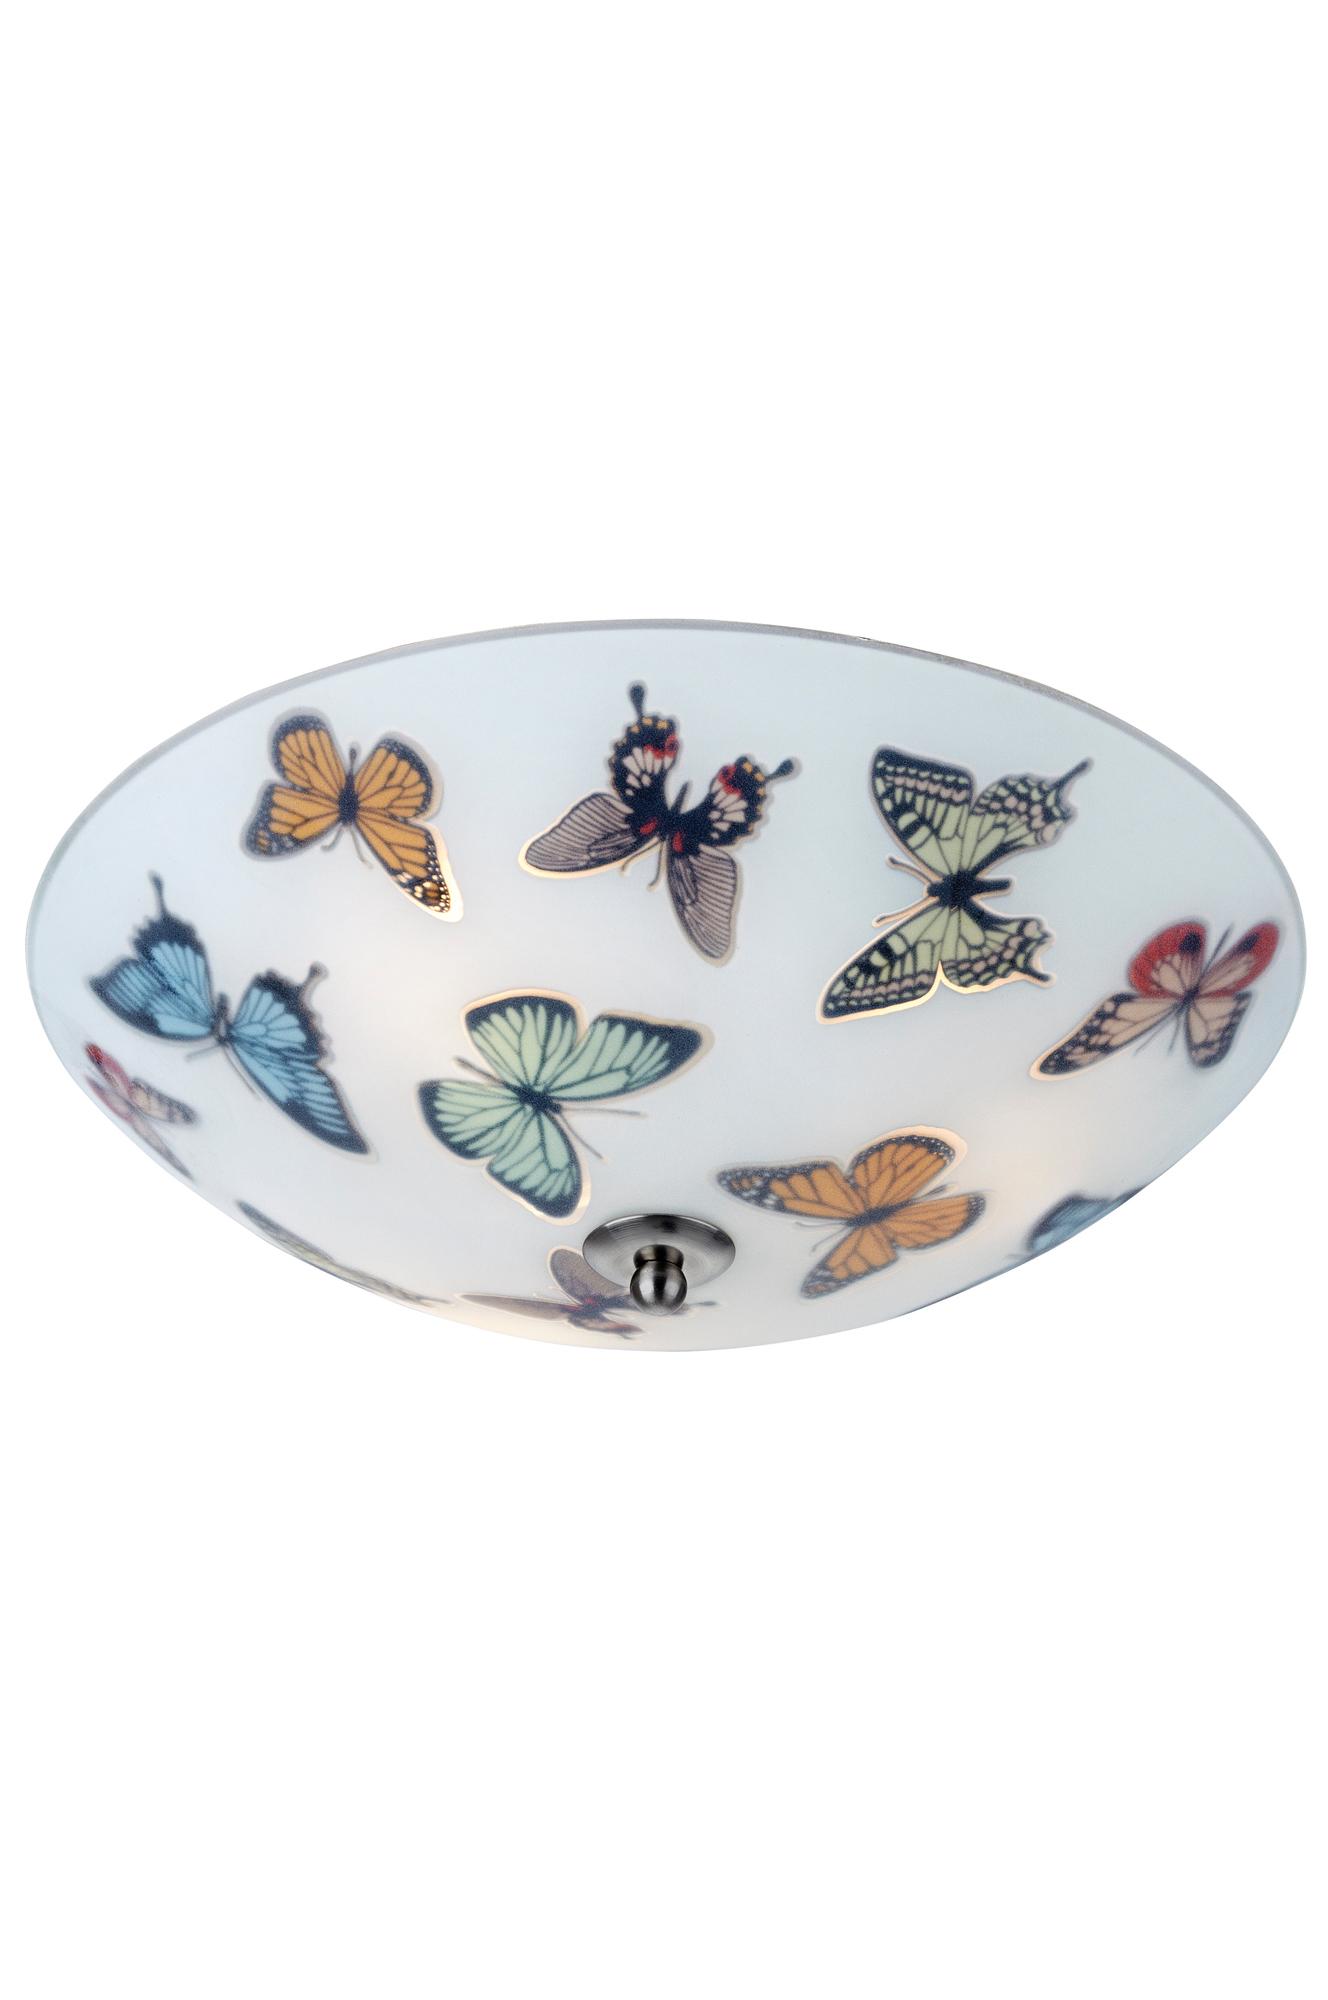 Butterfly-plafondi 35 cm